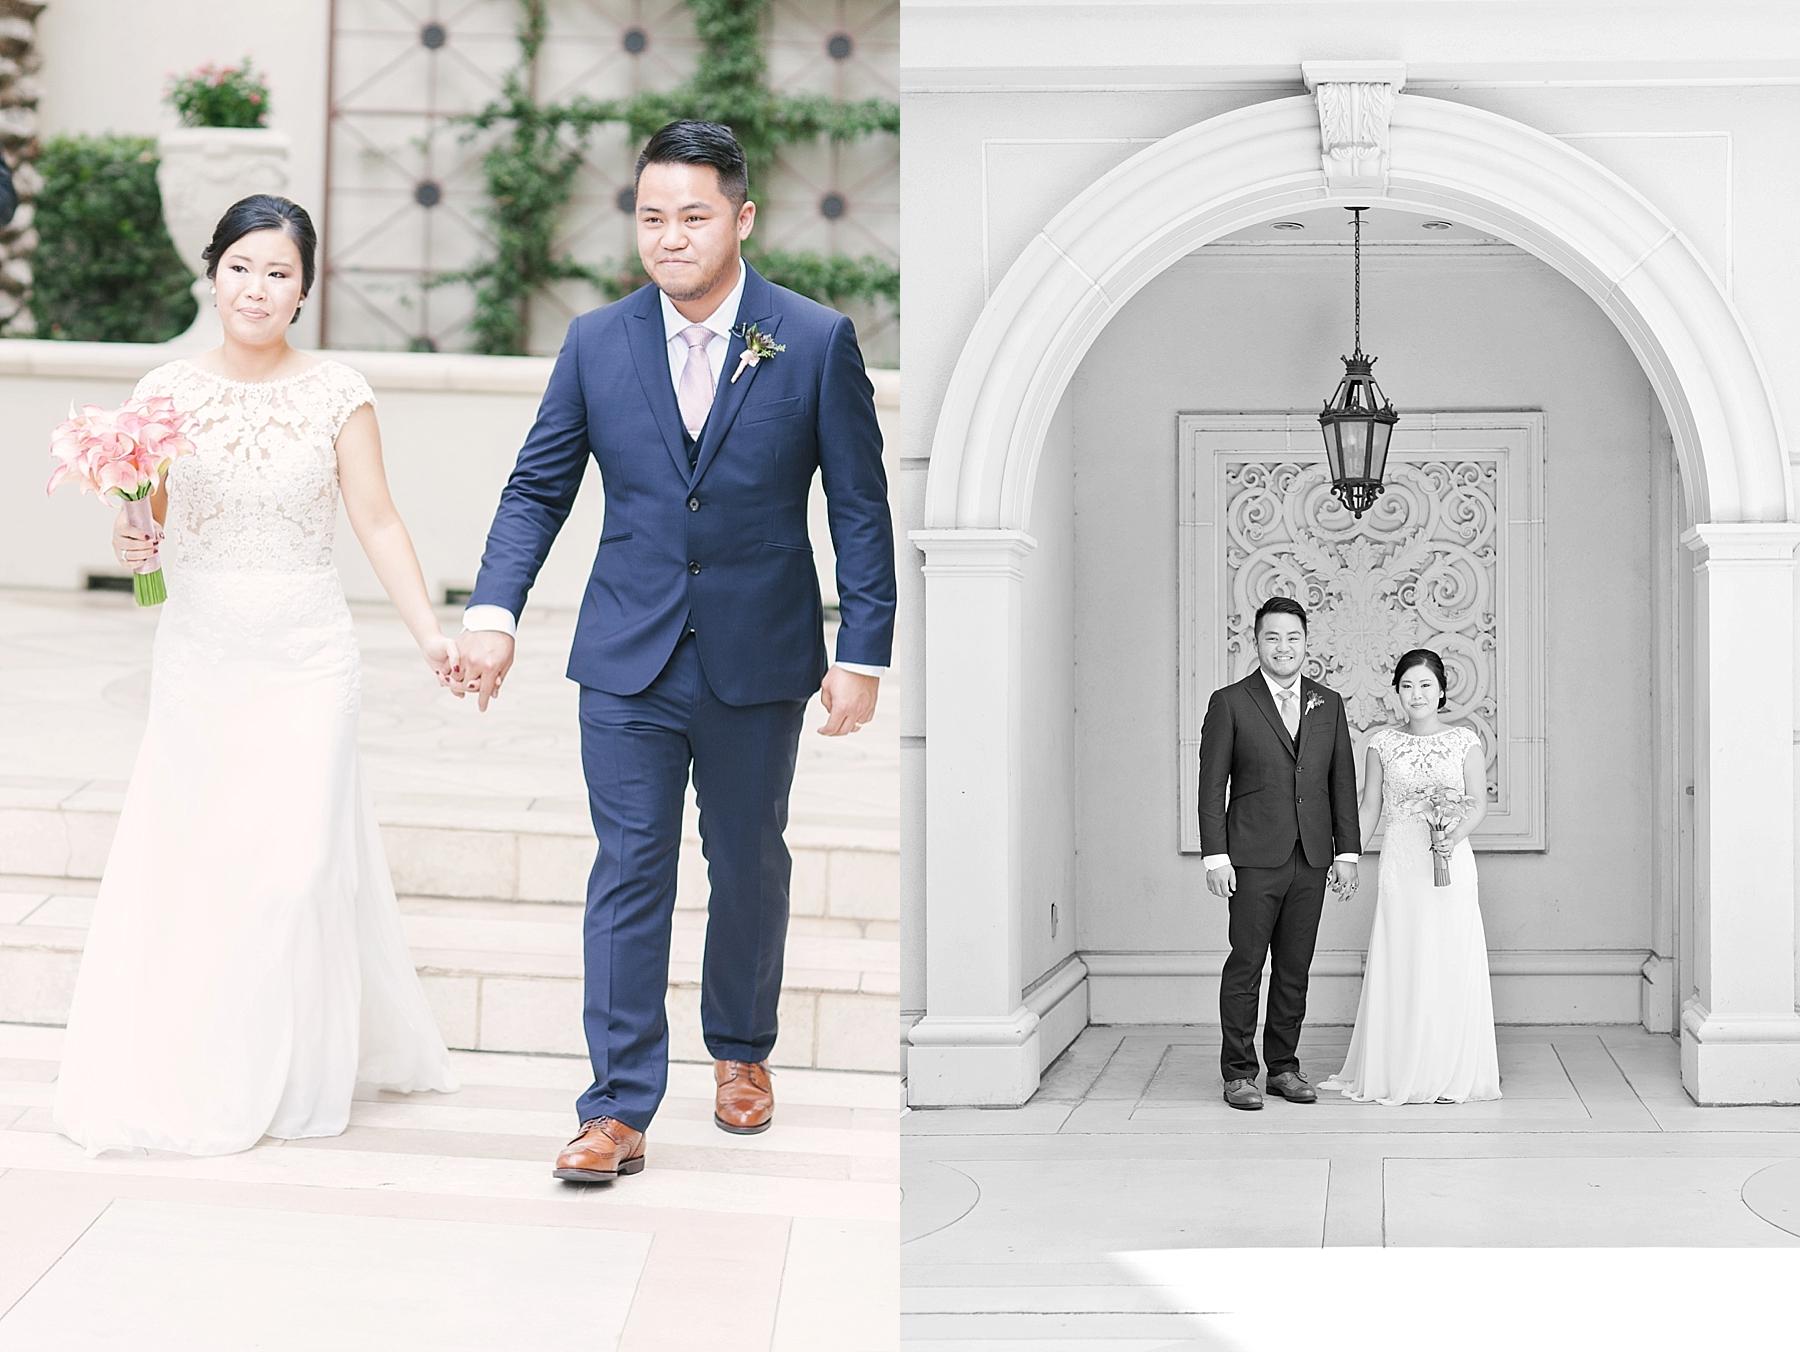 caesars_palace_wedding_las_vegas-05-2.jpg